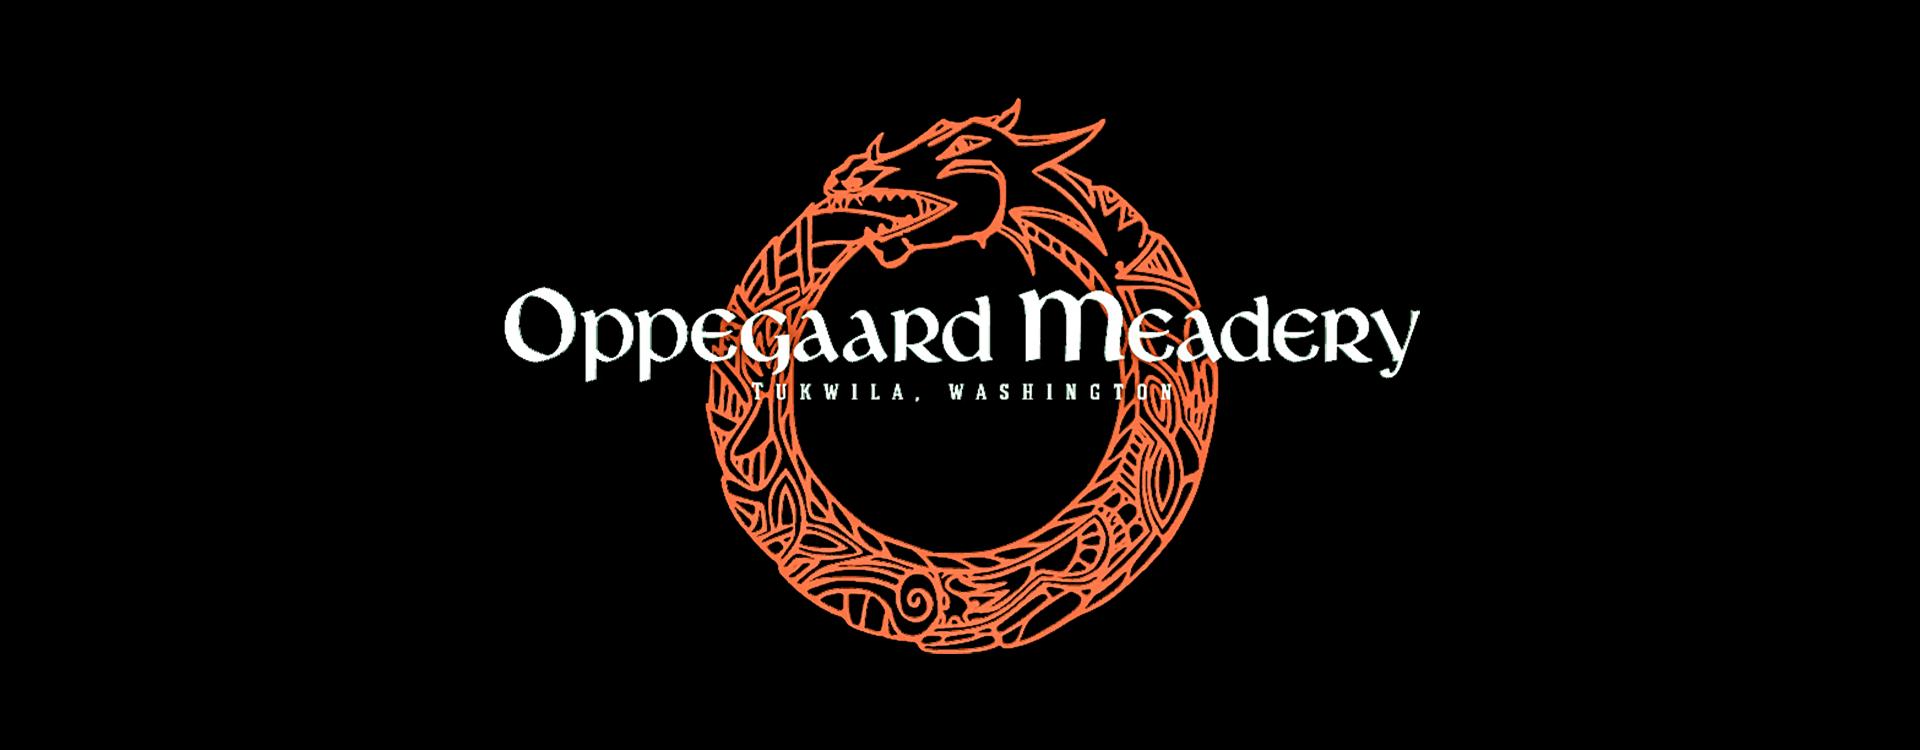 Oppegaard Meadery